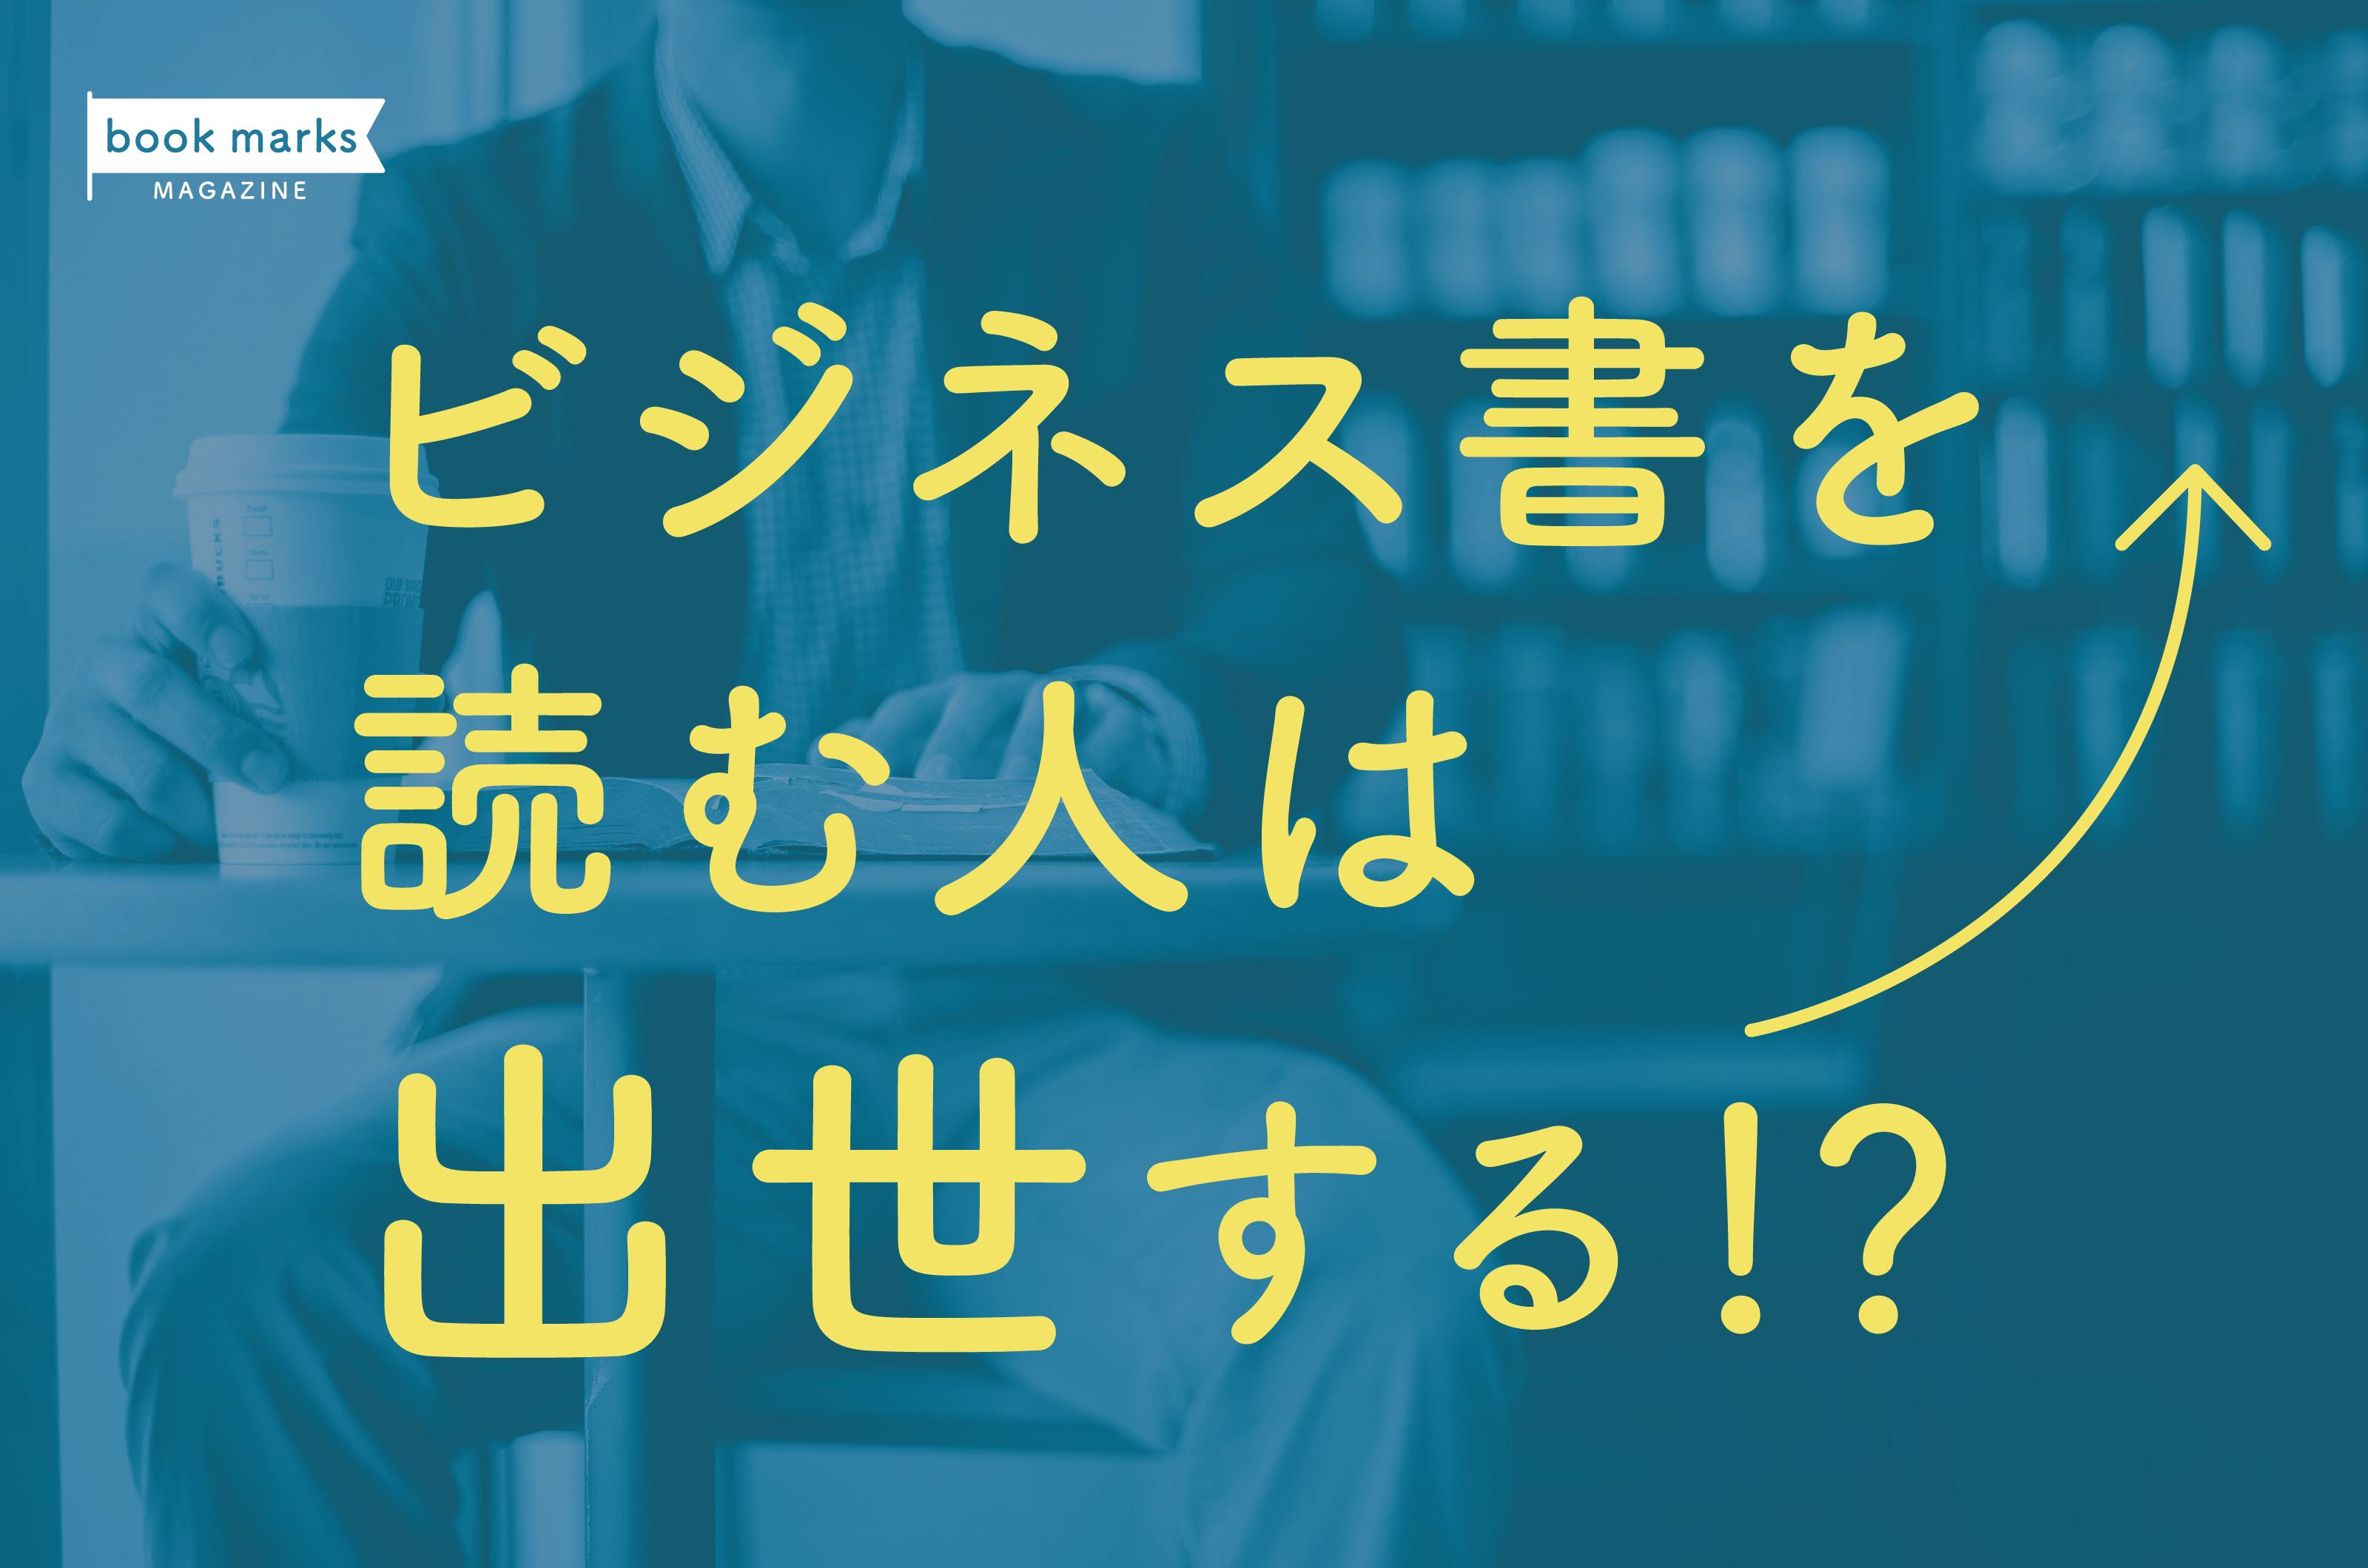 「ビジネス書を読む人は出世する!?」のアイキャッチ画像